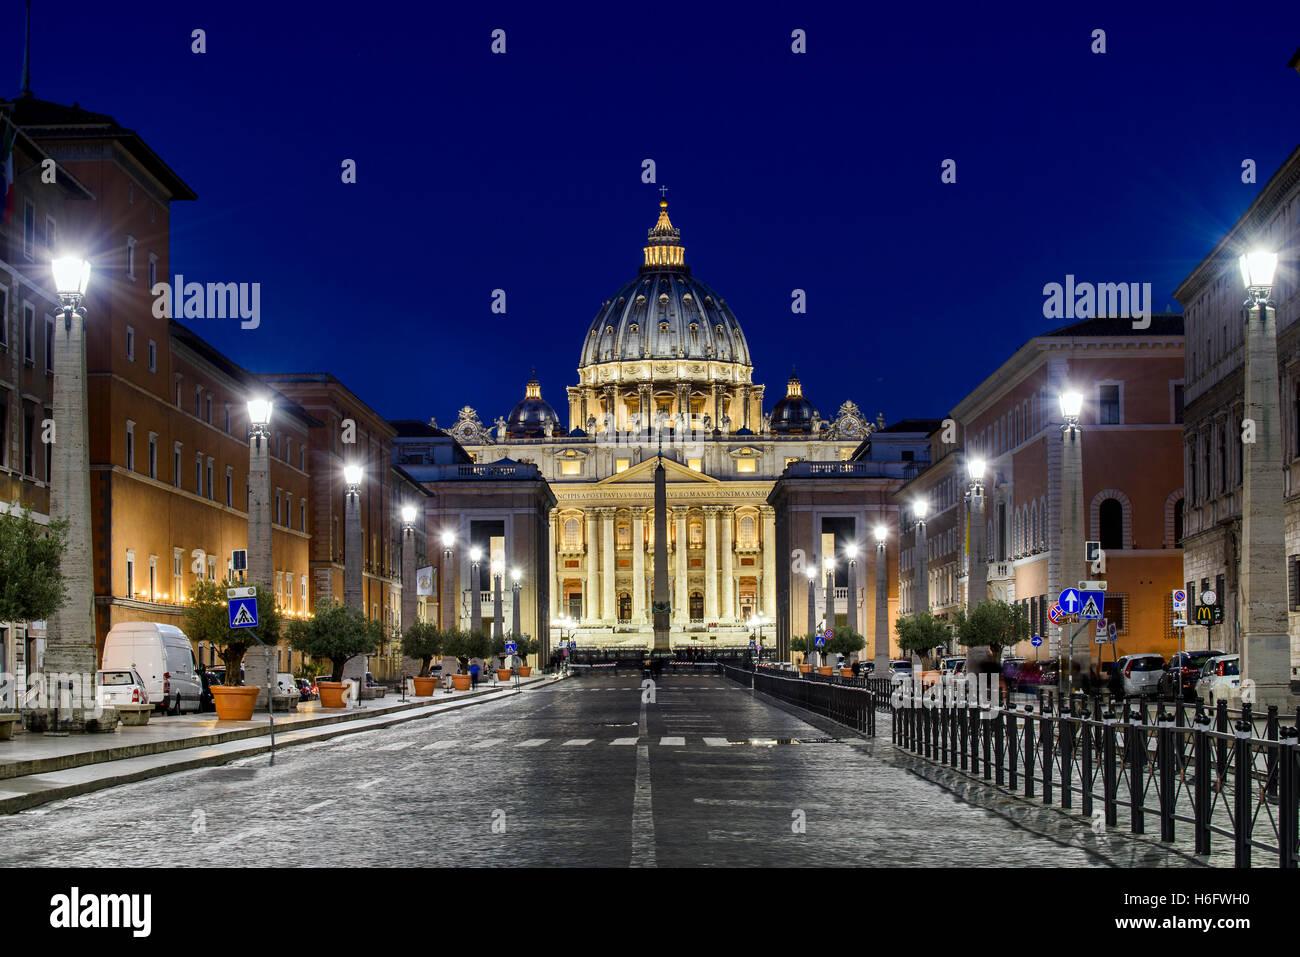 Night view of Via della Conciliazione with Saint Peter's Basilica in the background, Rome, Lazio, Italy - Stock Image